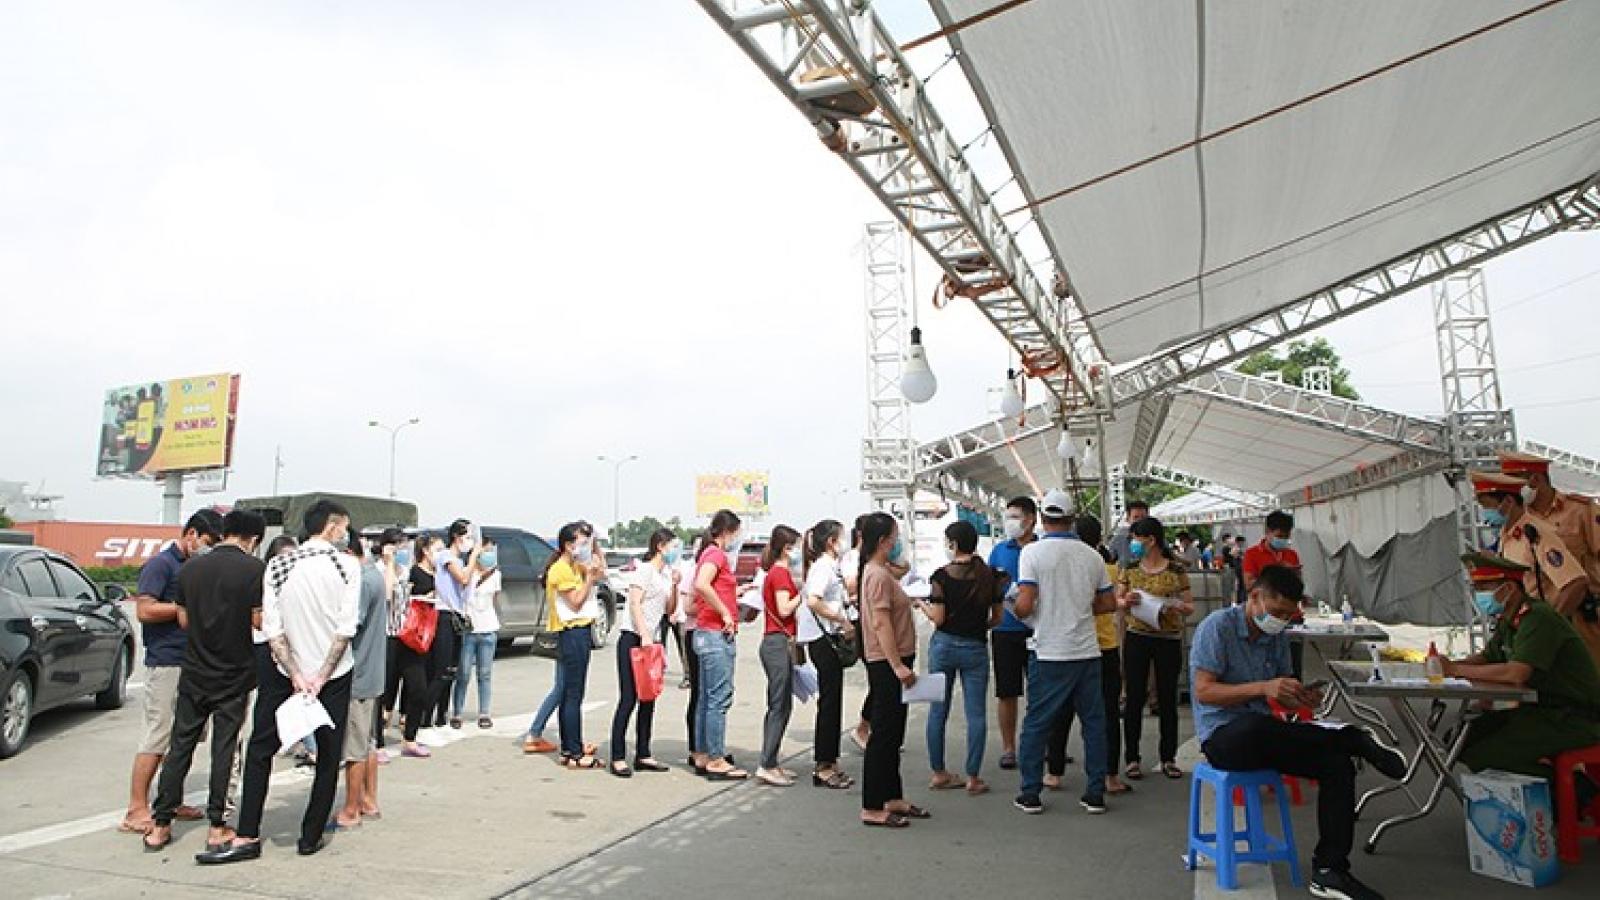 Nhiều người dân ra vào Hà Nội, chốt kiểm soát Pháp Vân - Cầu Giẽ ùn ứ